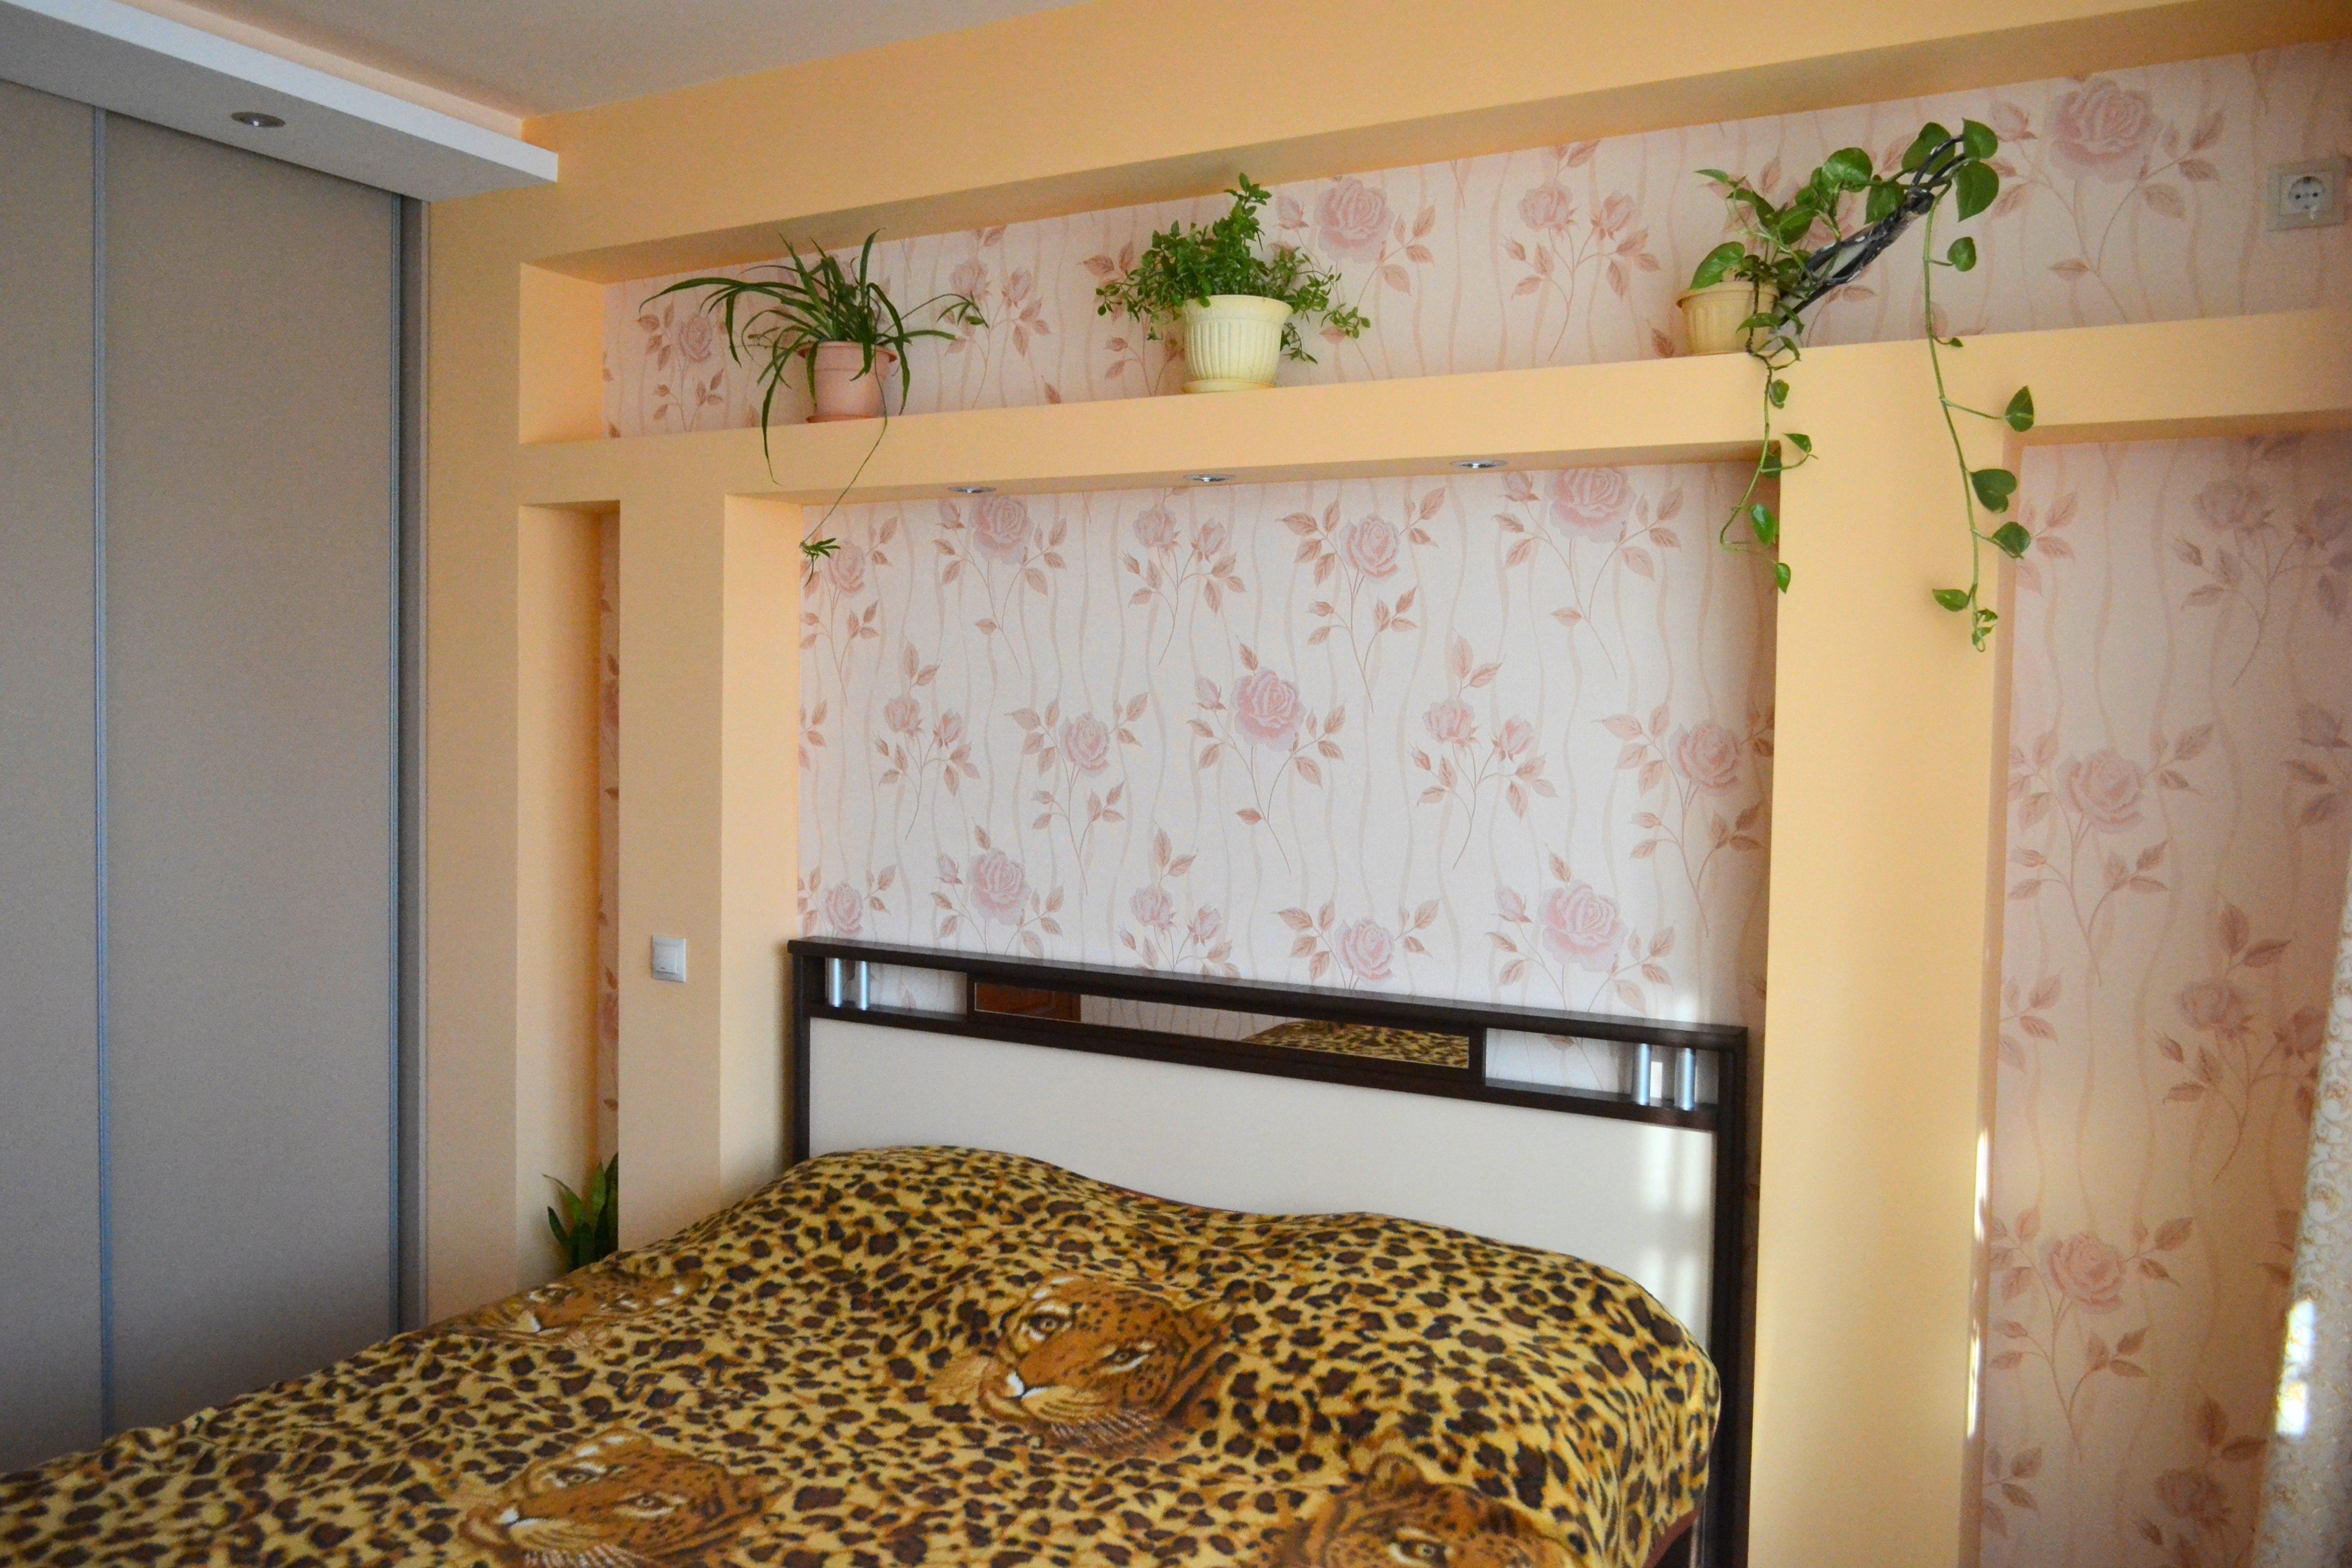 Акцентирование ниш в спальне – отличный способ подчеркнуть рельефность стены